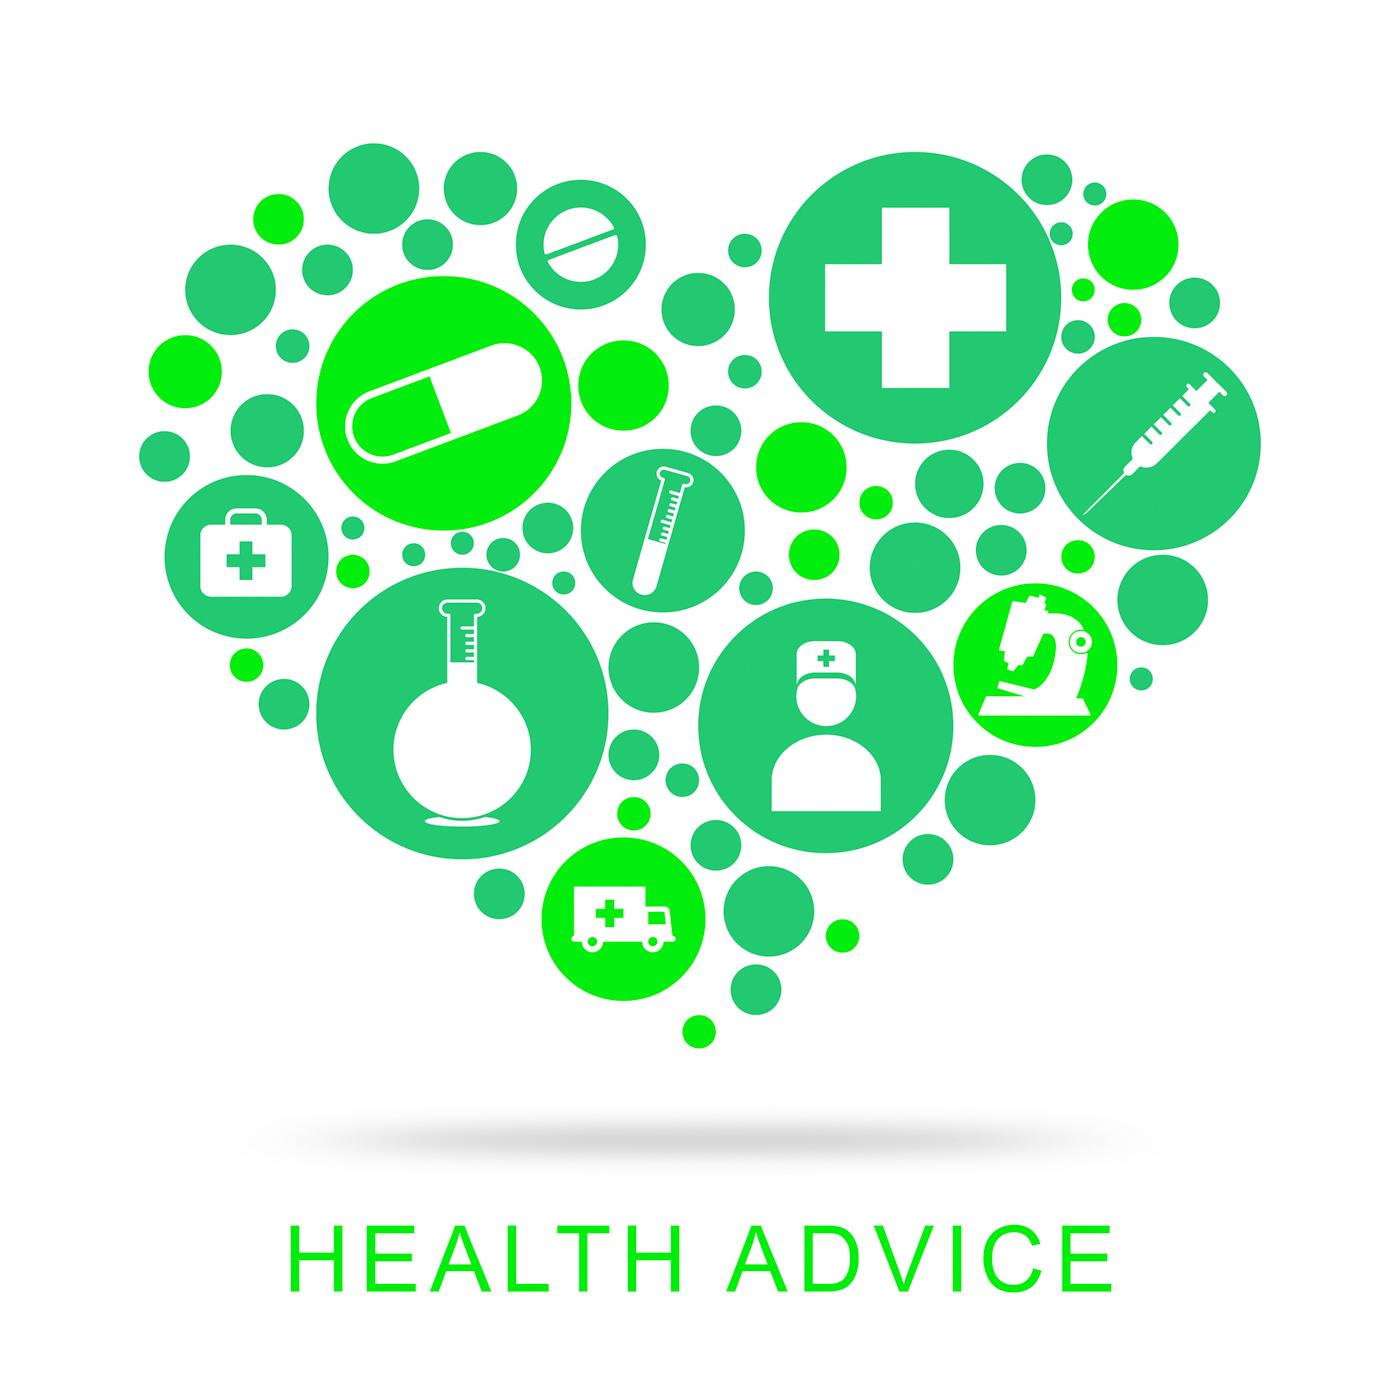 Health advice represents preventive medicine and advisor photo